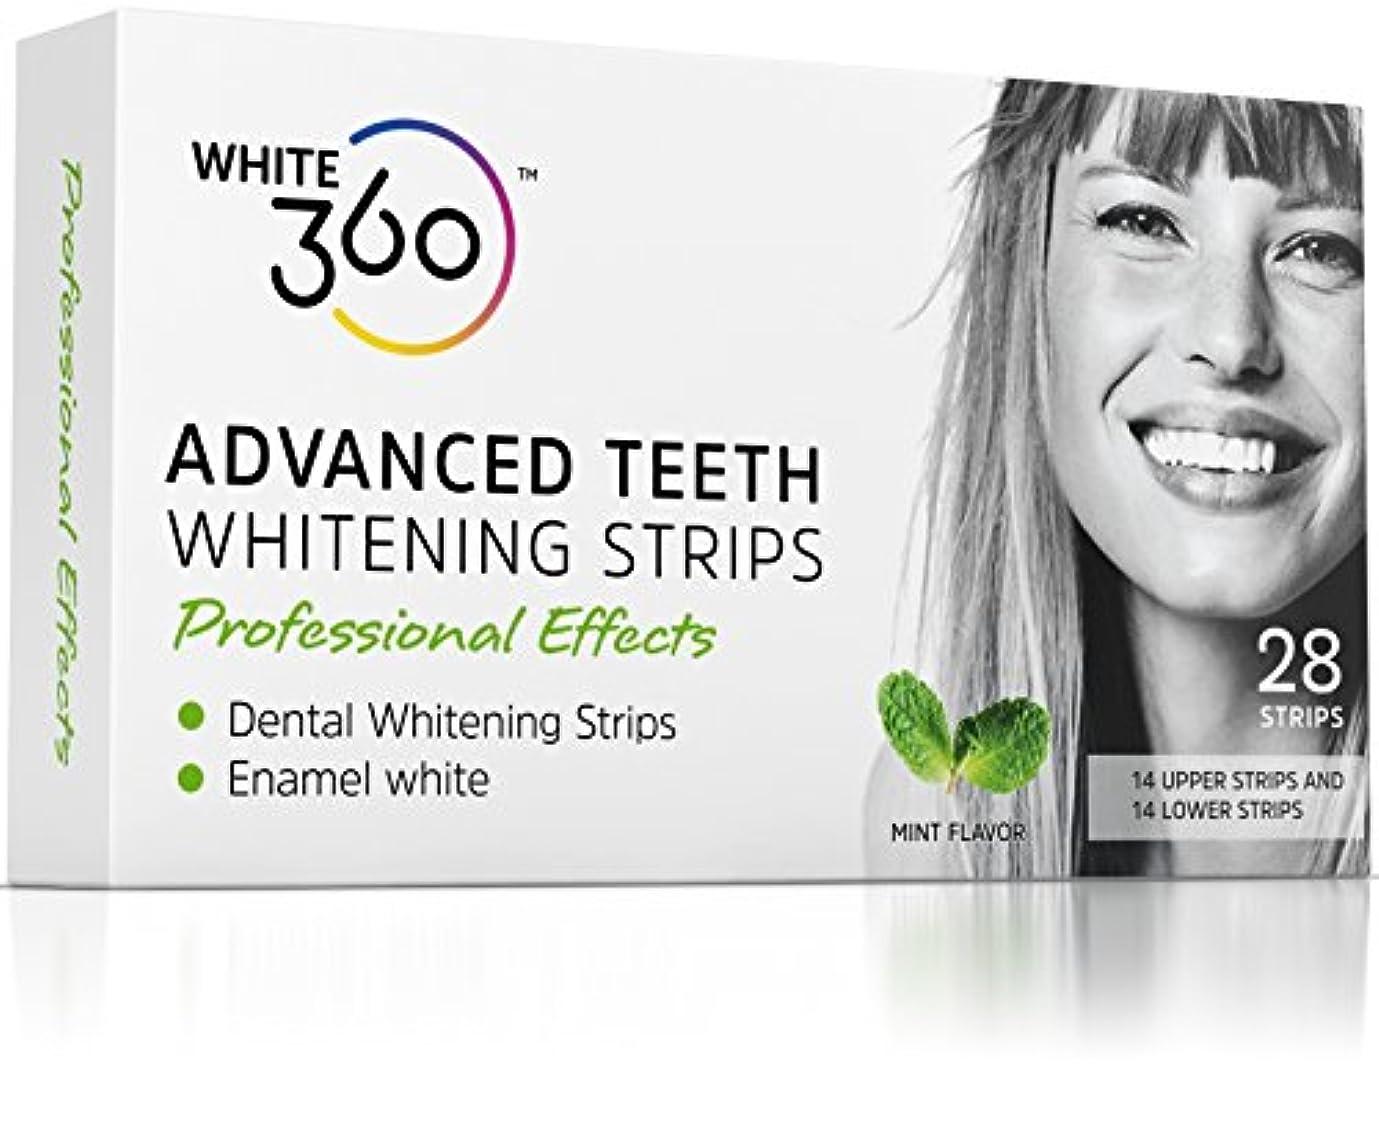 ブラウザ道路を作るプロセス不透明なAdvanced Teeth Whitening Strips - Professional Strength Whitestrips 14 Day Supply by White 360 by White 360